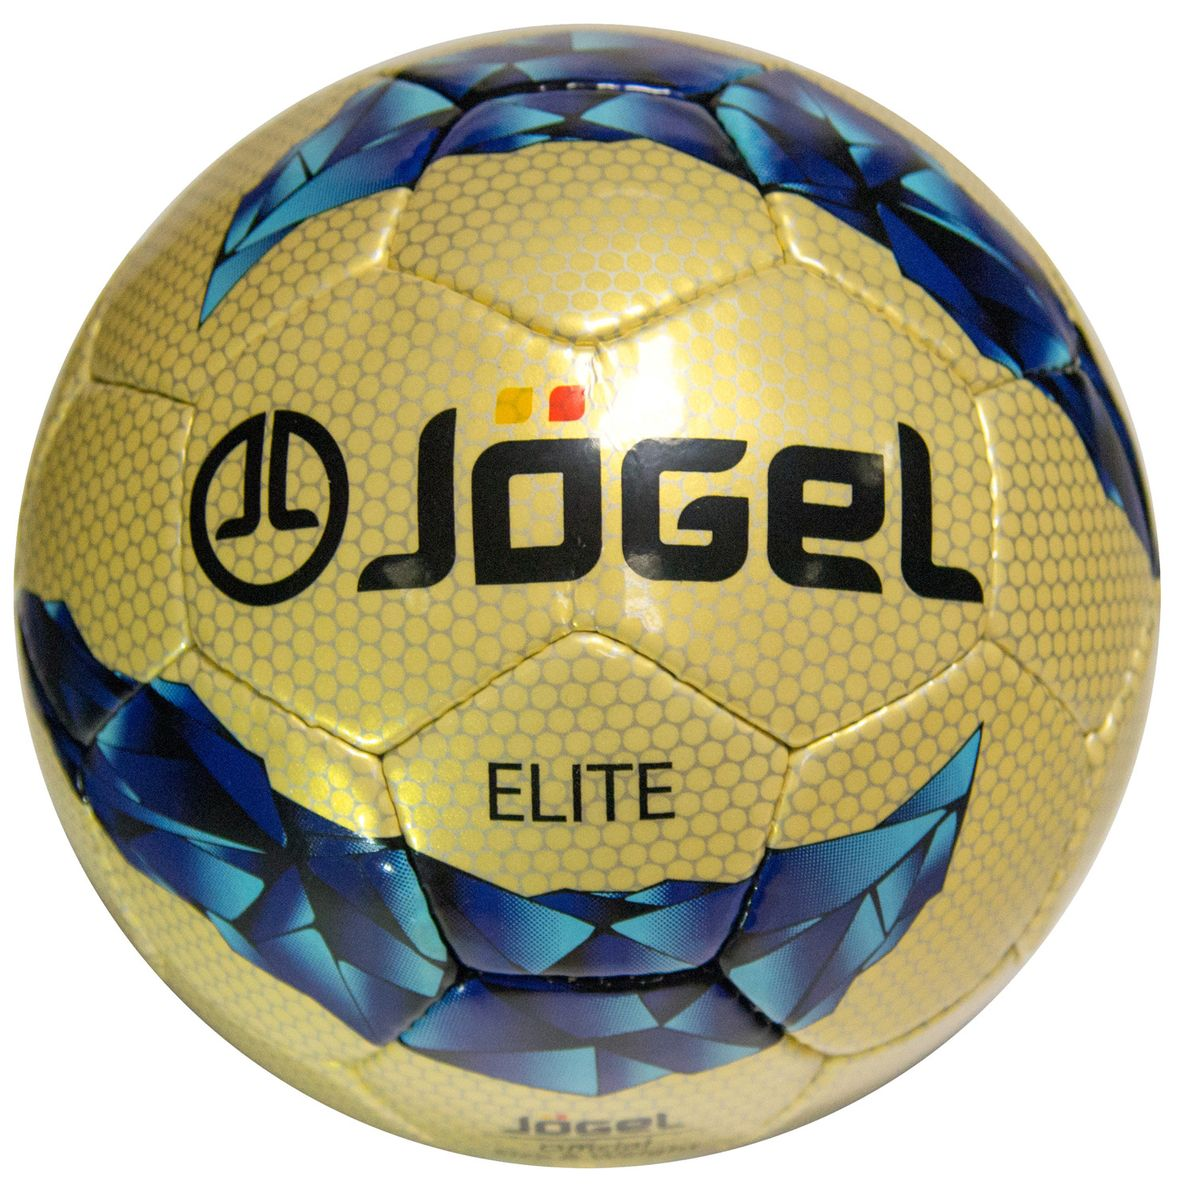 Мяч футбольный Jogel Elite, цвет: золотистый, фиолетовый, голубой. Размер 5. JS-800УТ-00009478Футбольный мяч JS-800 Elite с прочной покрышкой толщиной 1.5 мм из синтетической кожи, сшитой вручную, имеет отличные технические характеристики, соответствующие требованиям тренировочного процесса. В нем предусмотрено четыре подкладочных слоя из смеси хлопка с полиэстером. Камера из латекса хорошо держит давление. Мяч футбольный JS-800 Elite станет отличным выбором для тренировок и проведения любительских матчей.Вес: 410-450 гр.Длина окружности: 68-70 см.Рекомендованные покрытия: натуральный газон, синтетическая трава. Рекомендованное давление: 0.6-0.8 бар. УВАЖАЕМЫЕ КЛИЕНТЫ!Обращаем ваше внимание на тот факт, что мяч поставляется в сдутом виде. Насос в комплект не входит.